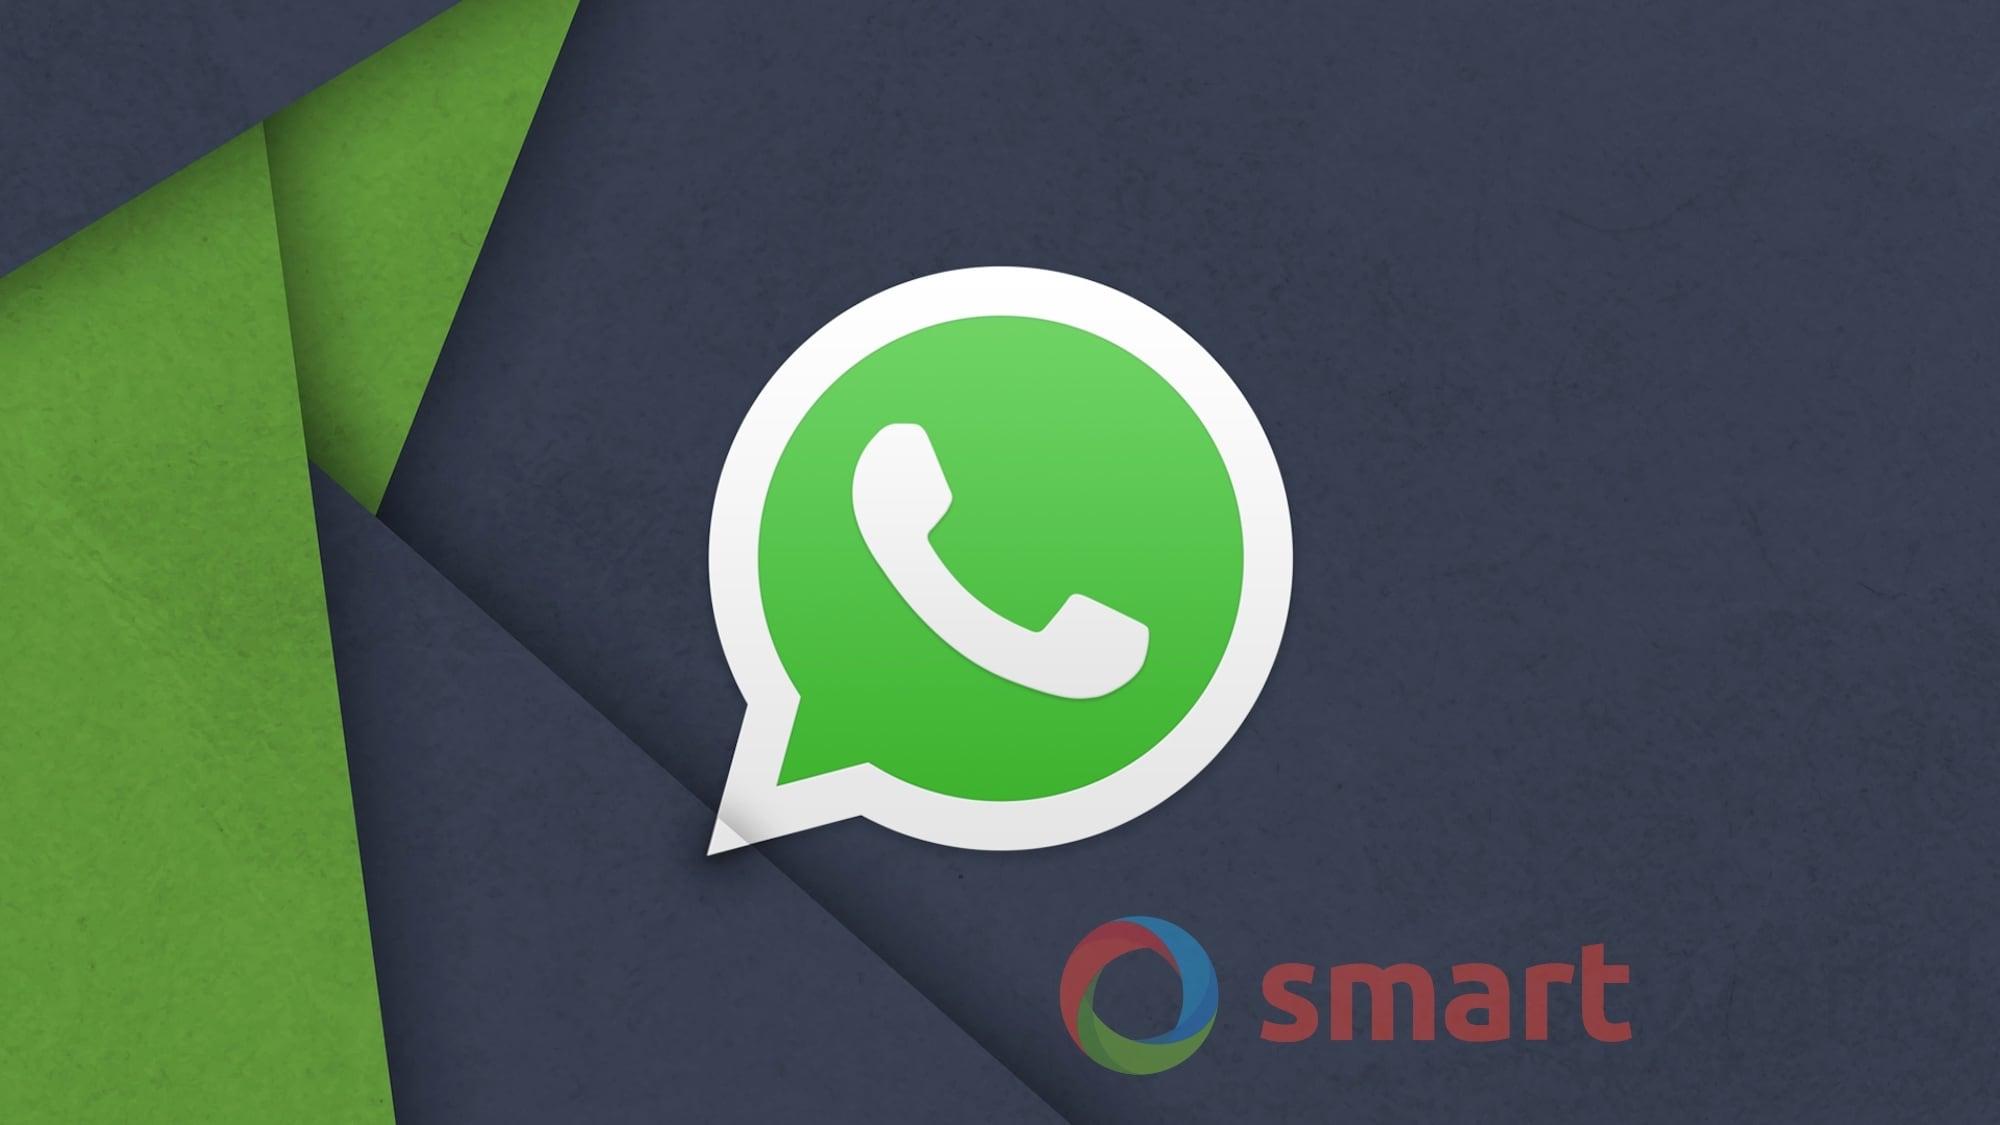 La piattaforma di pagamenti WhatsApp fa passi avanti: approvazione ricevuta in Brasile (foto)